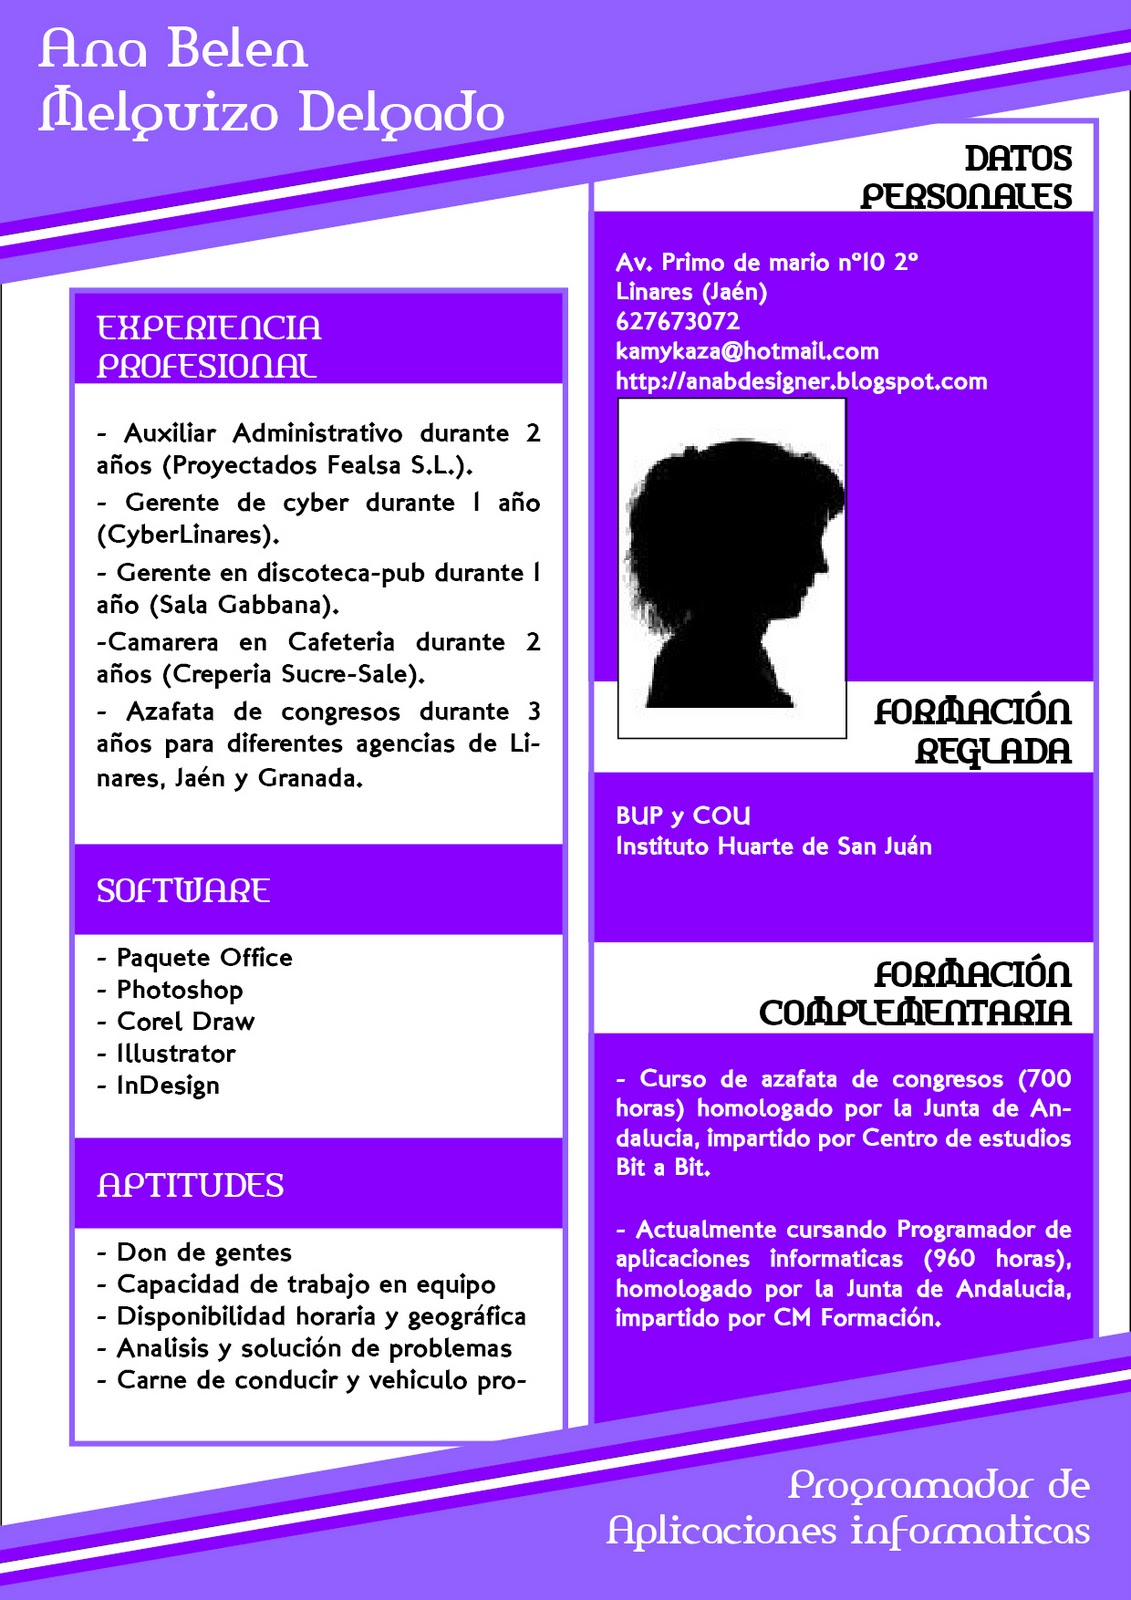 4-Ana Designer: Ej 07 - Diseño y maquetación Curriculum